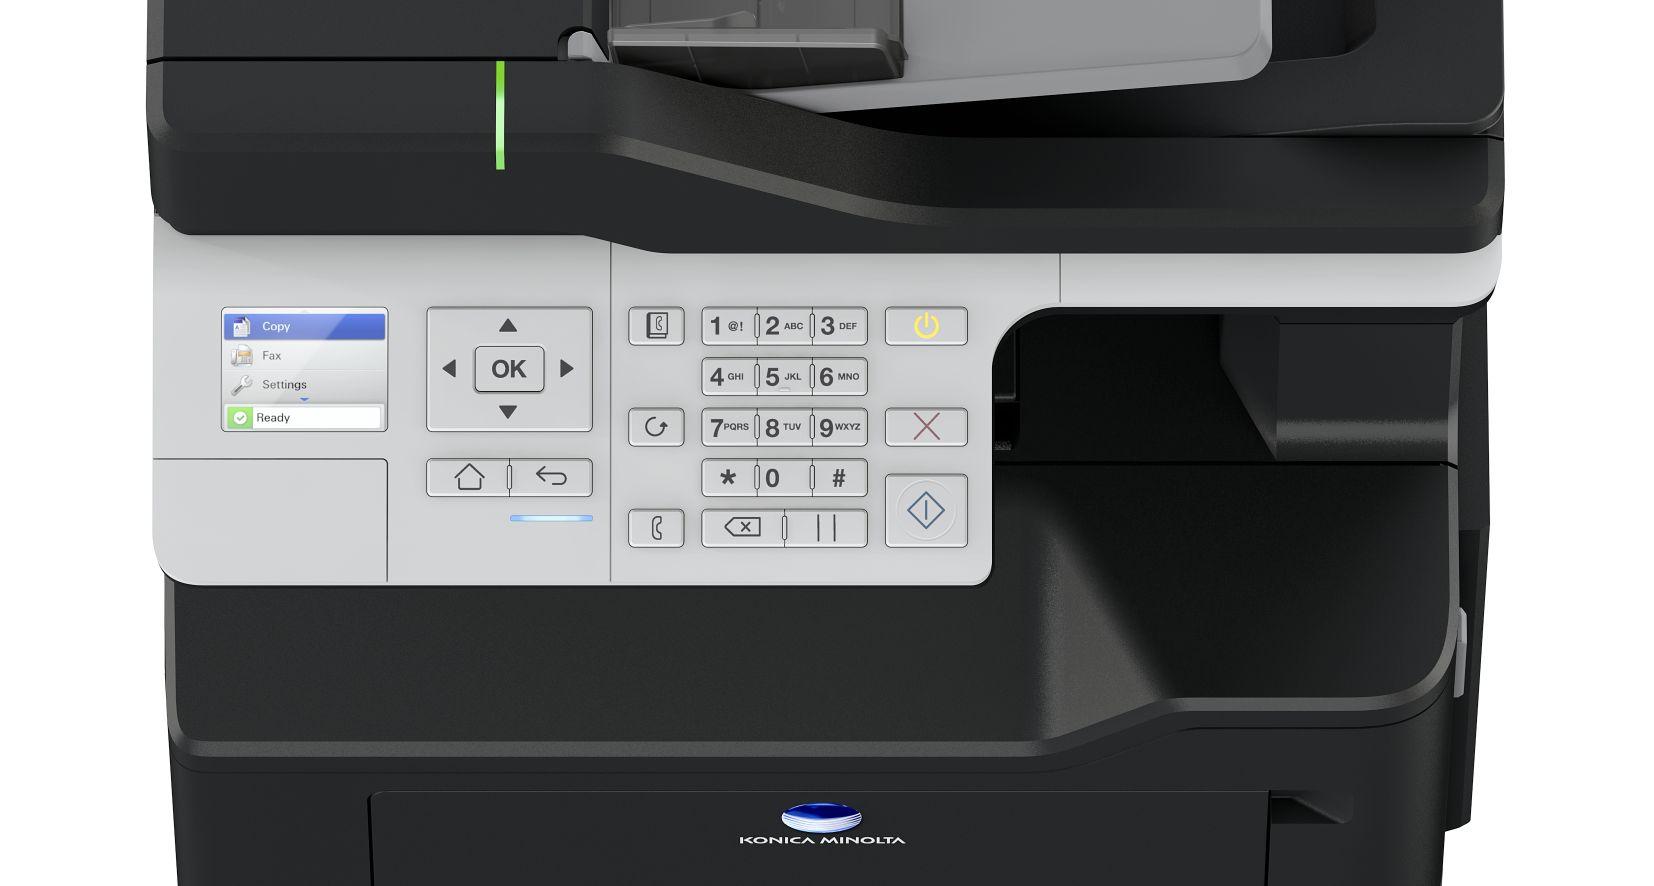 Konica Minolta Bizhub 500 MFP Scanner TWAIN 64 BIT